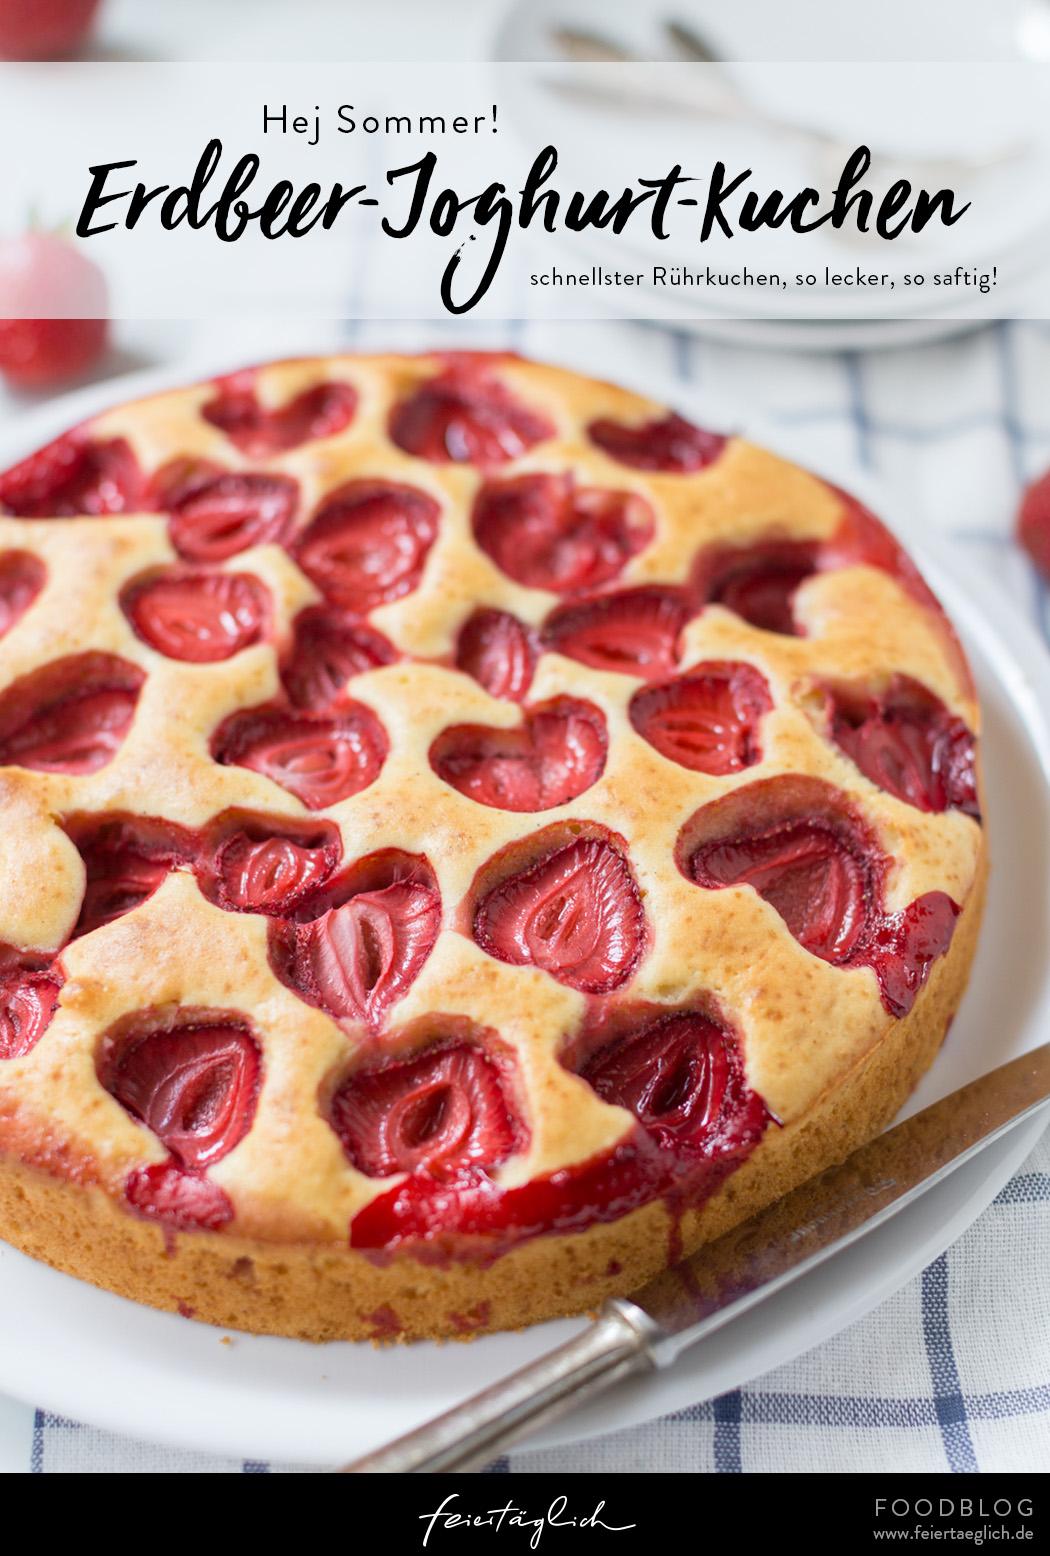 Schnellster Erdbeer-Joghurt-Kuchen, Rezept für einen Turbo-Sommerkuchen mit Erdbeeren